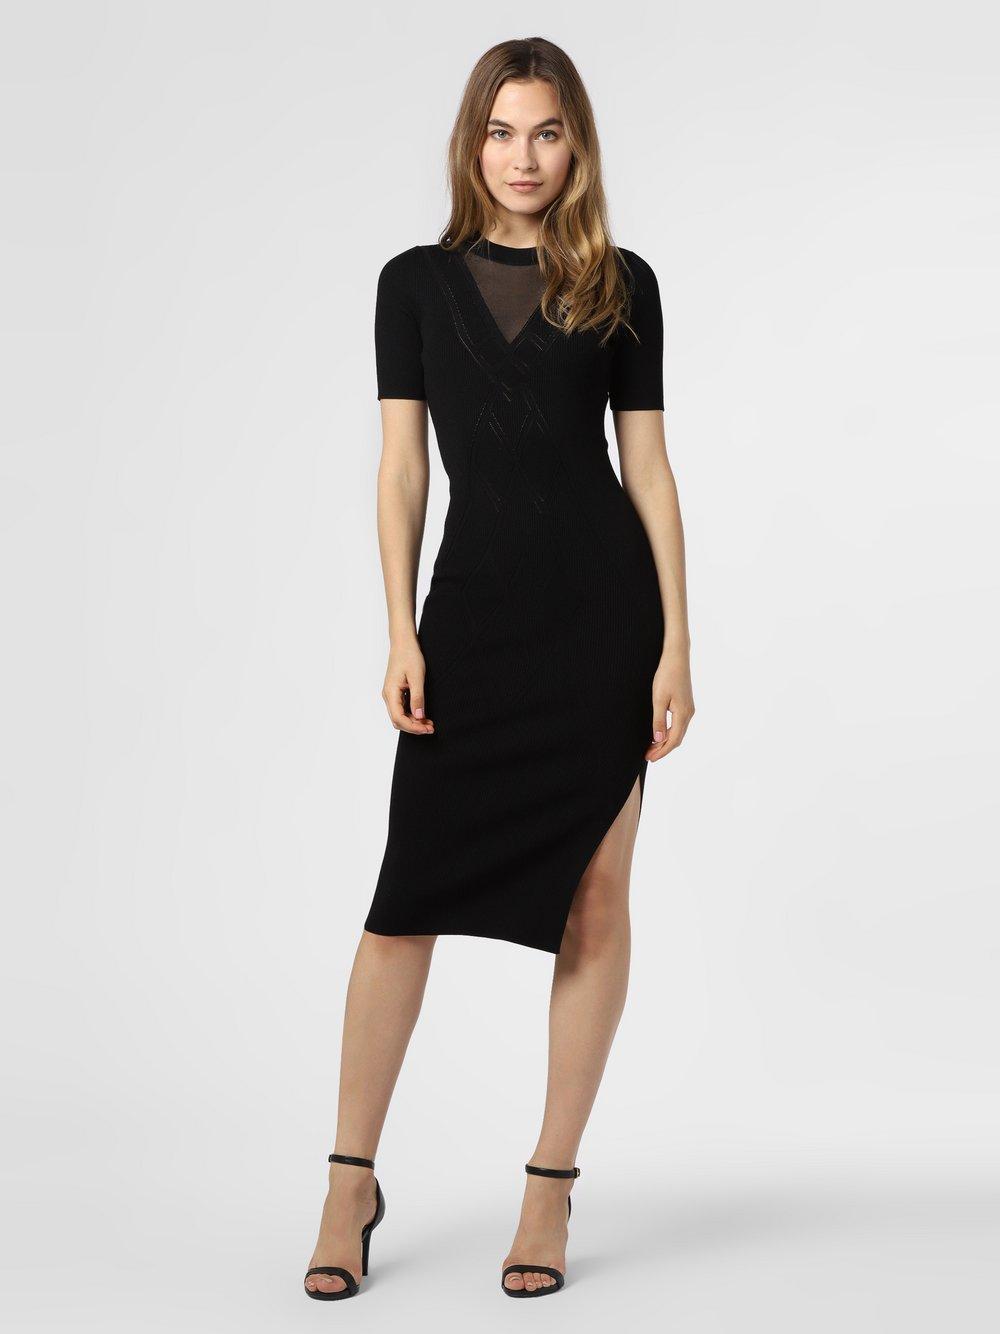 NIKKIE – Sukienka damska – Gigi, czarny Van Graaf 477620-0001-00380